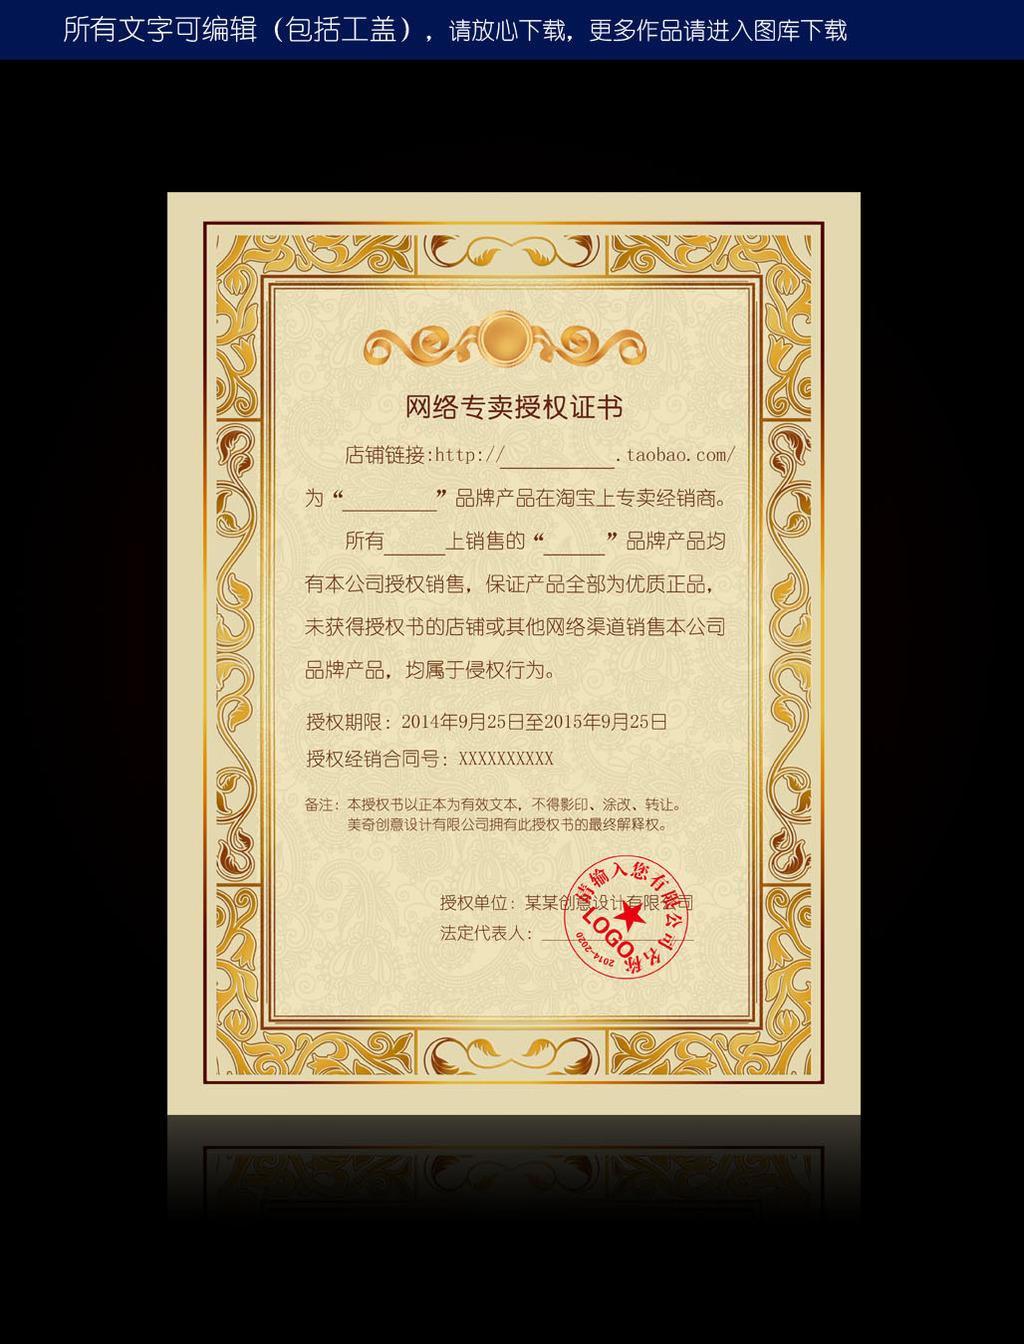 淘宝授权证书模板模板下载(图片编号:12689160)